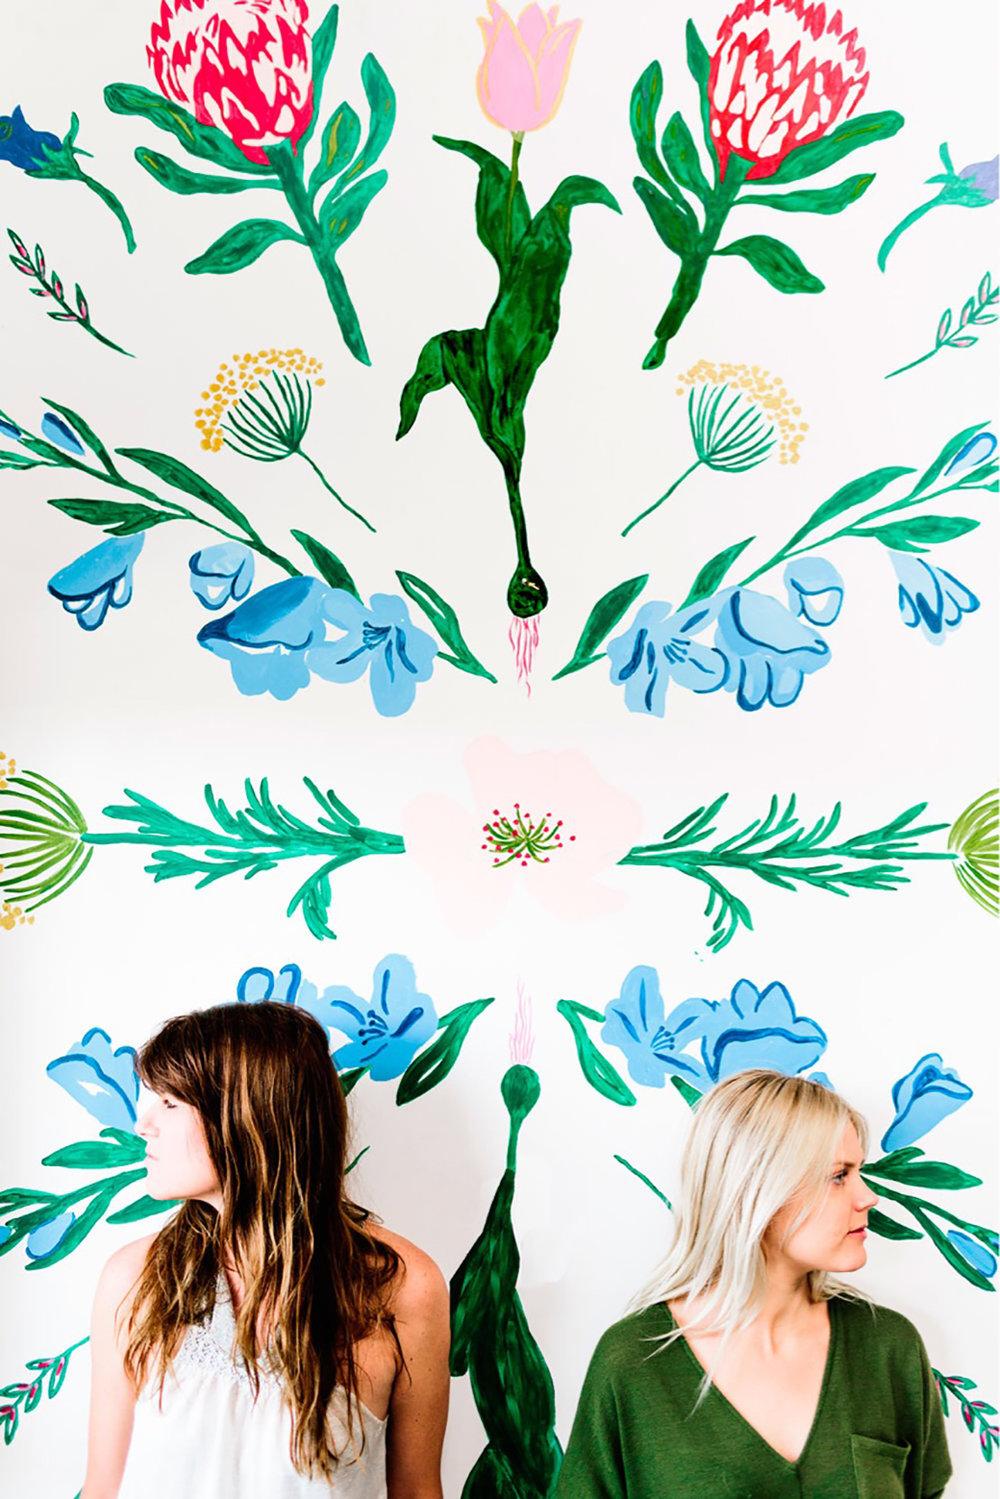 SheShe_wallpaper_decor8_11.jpg